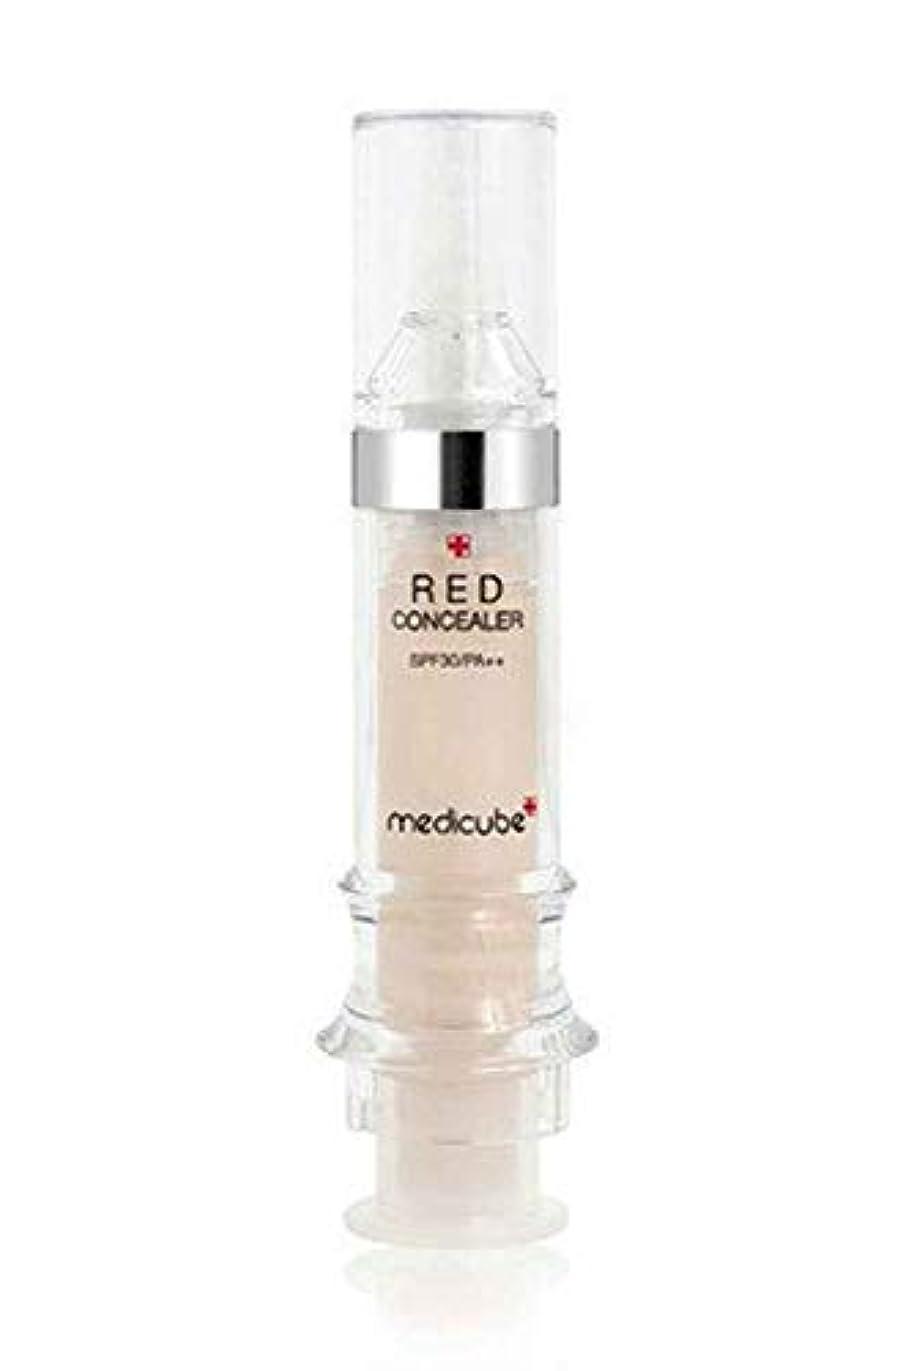 嫌いクックリフレッシュ[Medicube]Red Red Concealer #23 5.5ml メディキューブ レッドコンシーラー#23 5.5ml [並行輸入品]